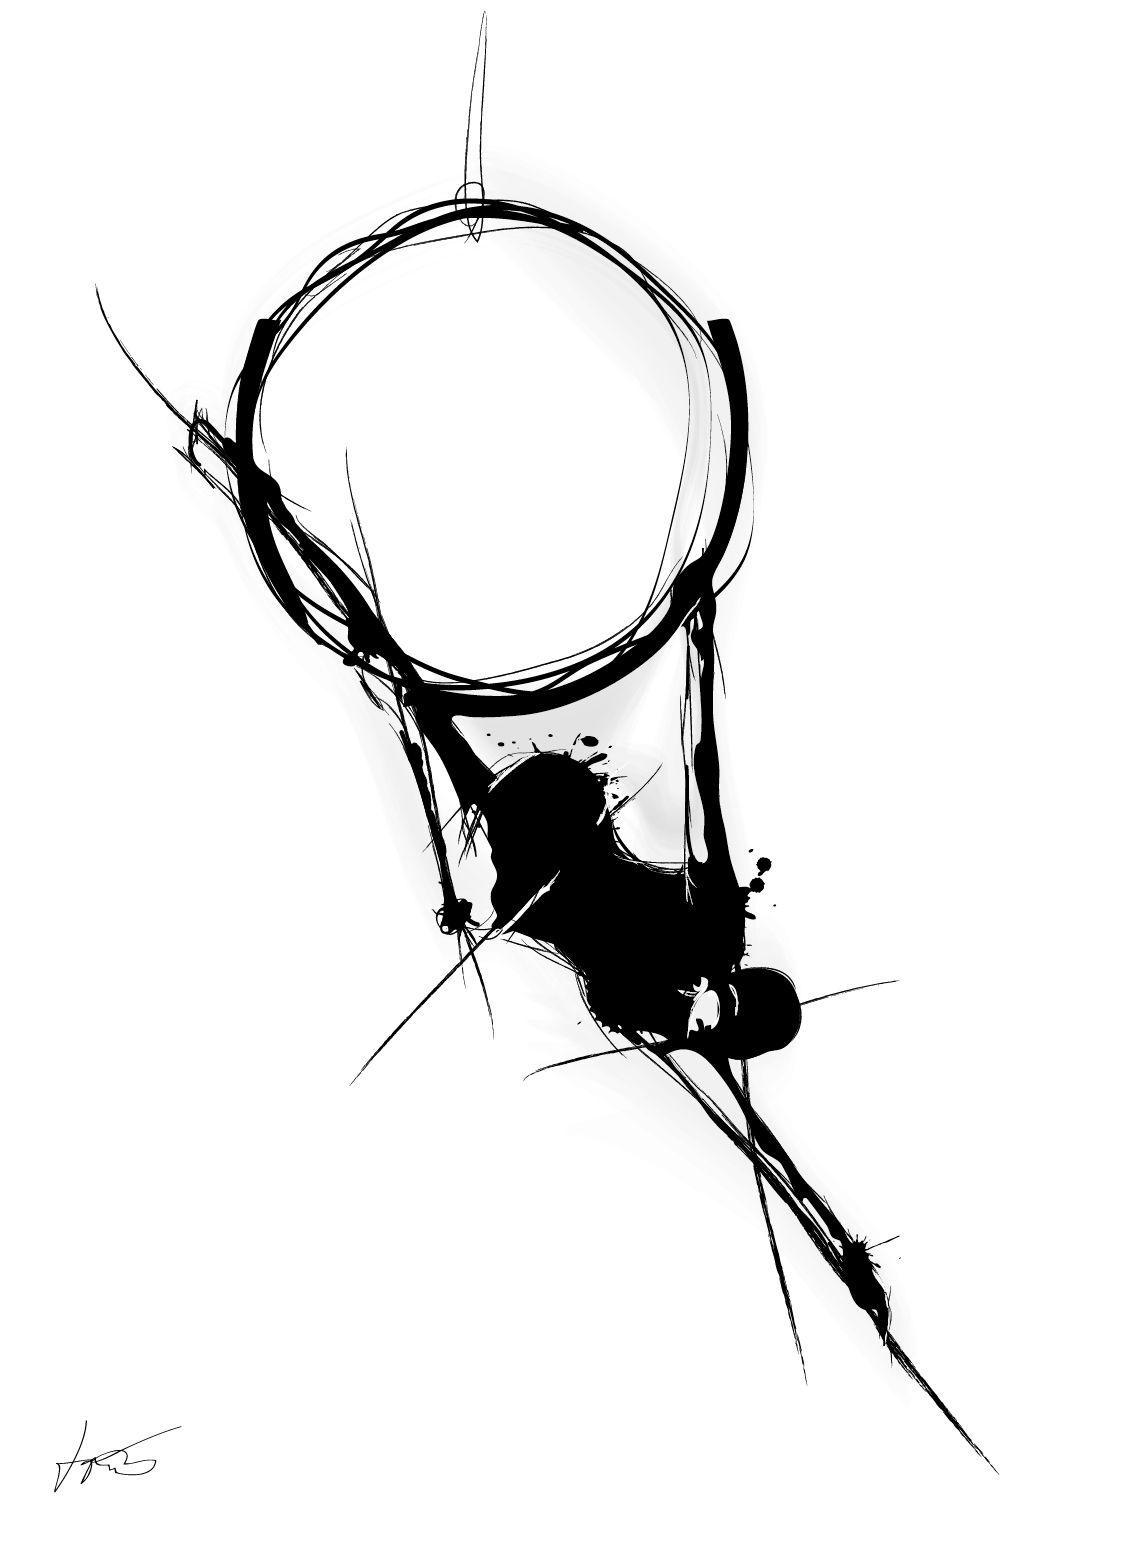 1122x1543 aerial hoop drawing aerial hoop dancing drawings, aerial dance